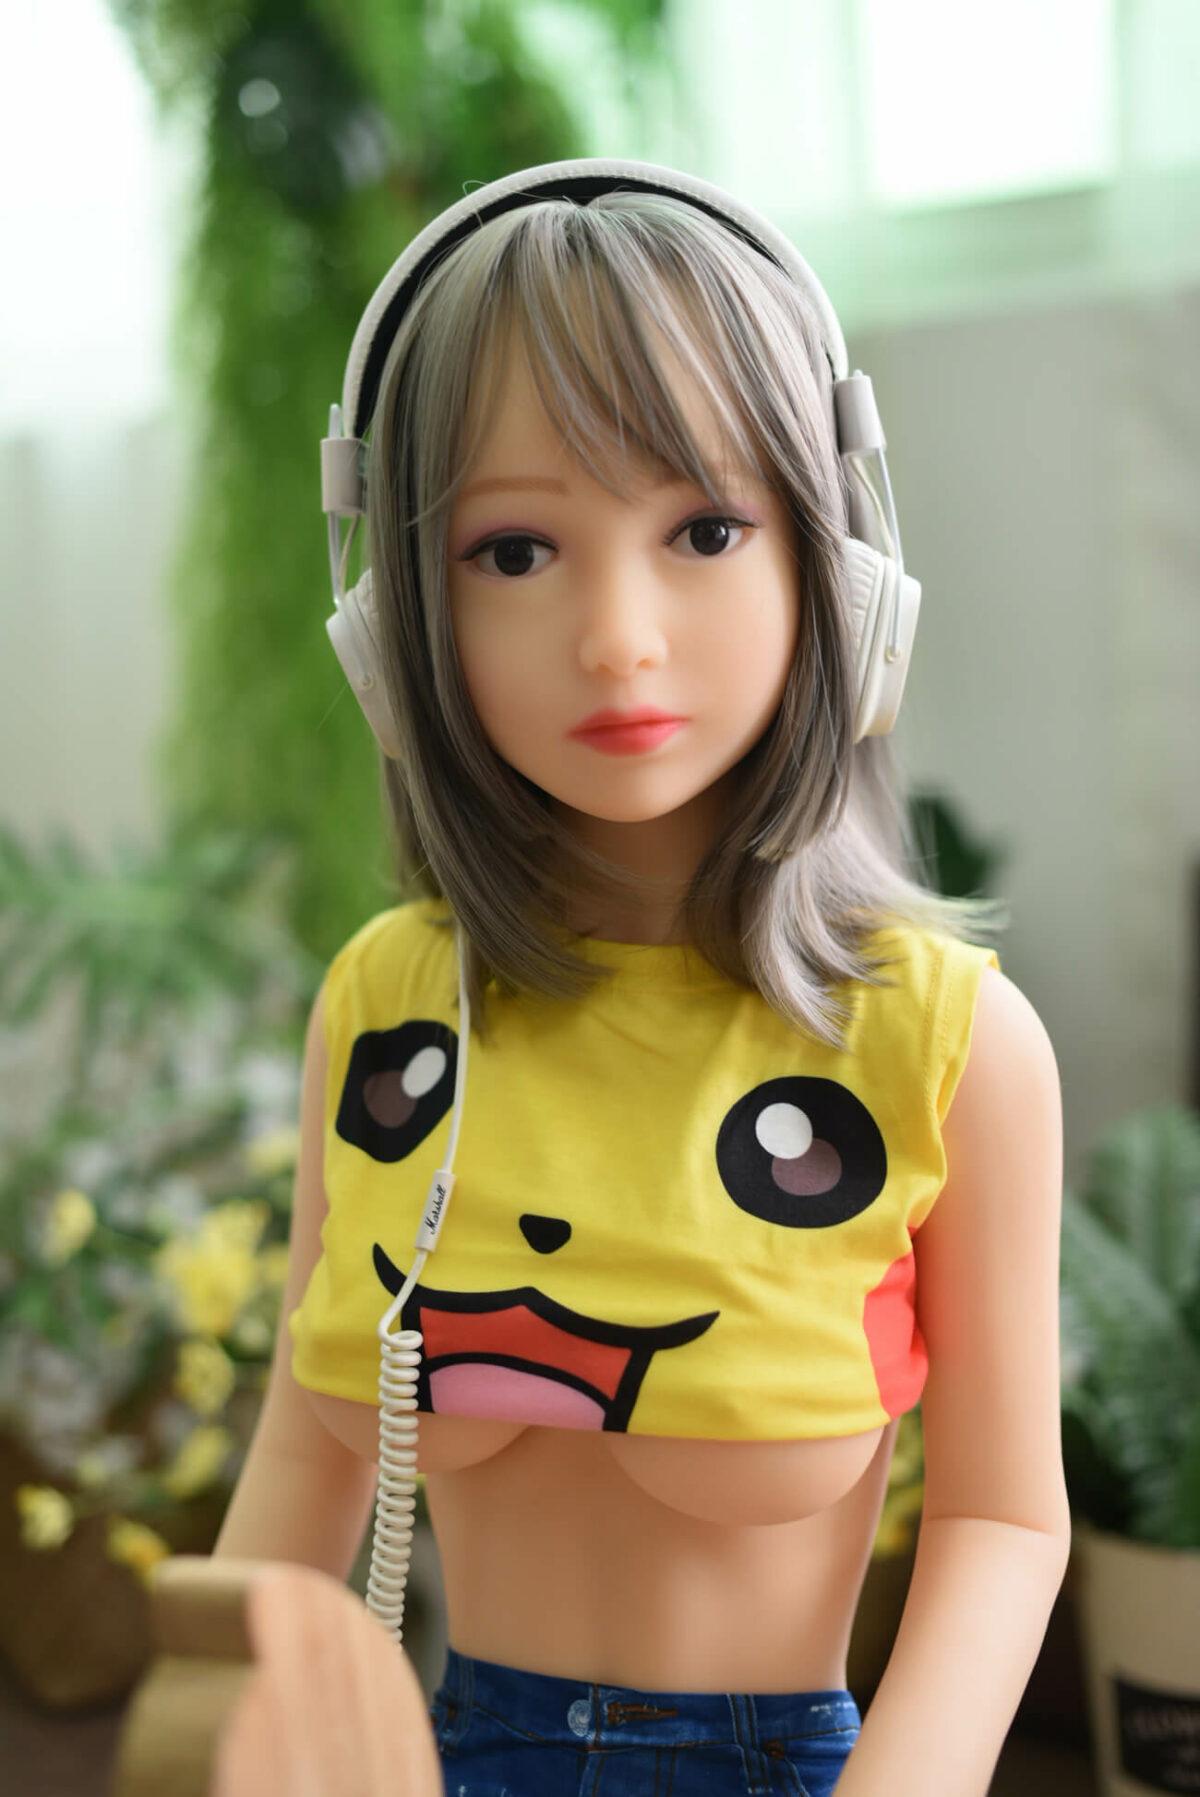 125CM Cute Sex Doll - Yuuna